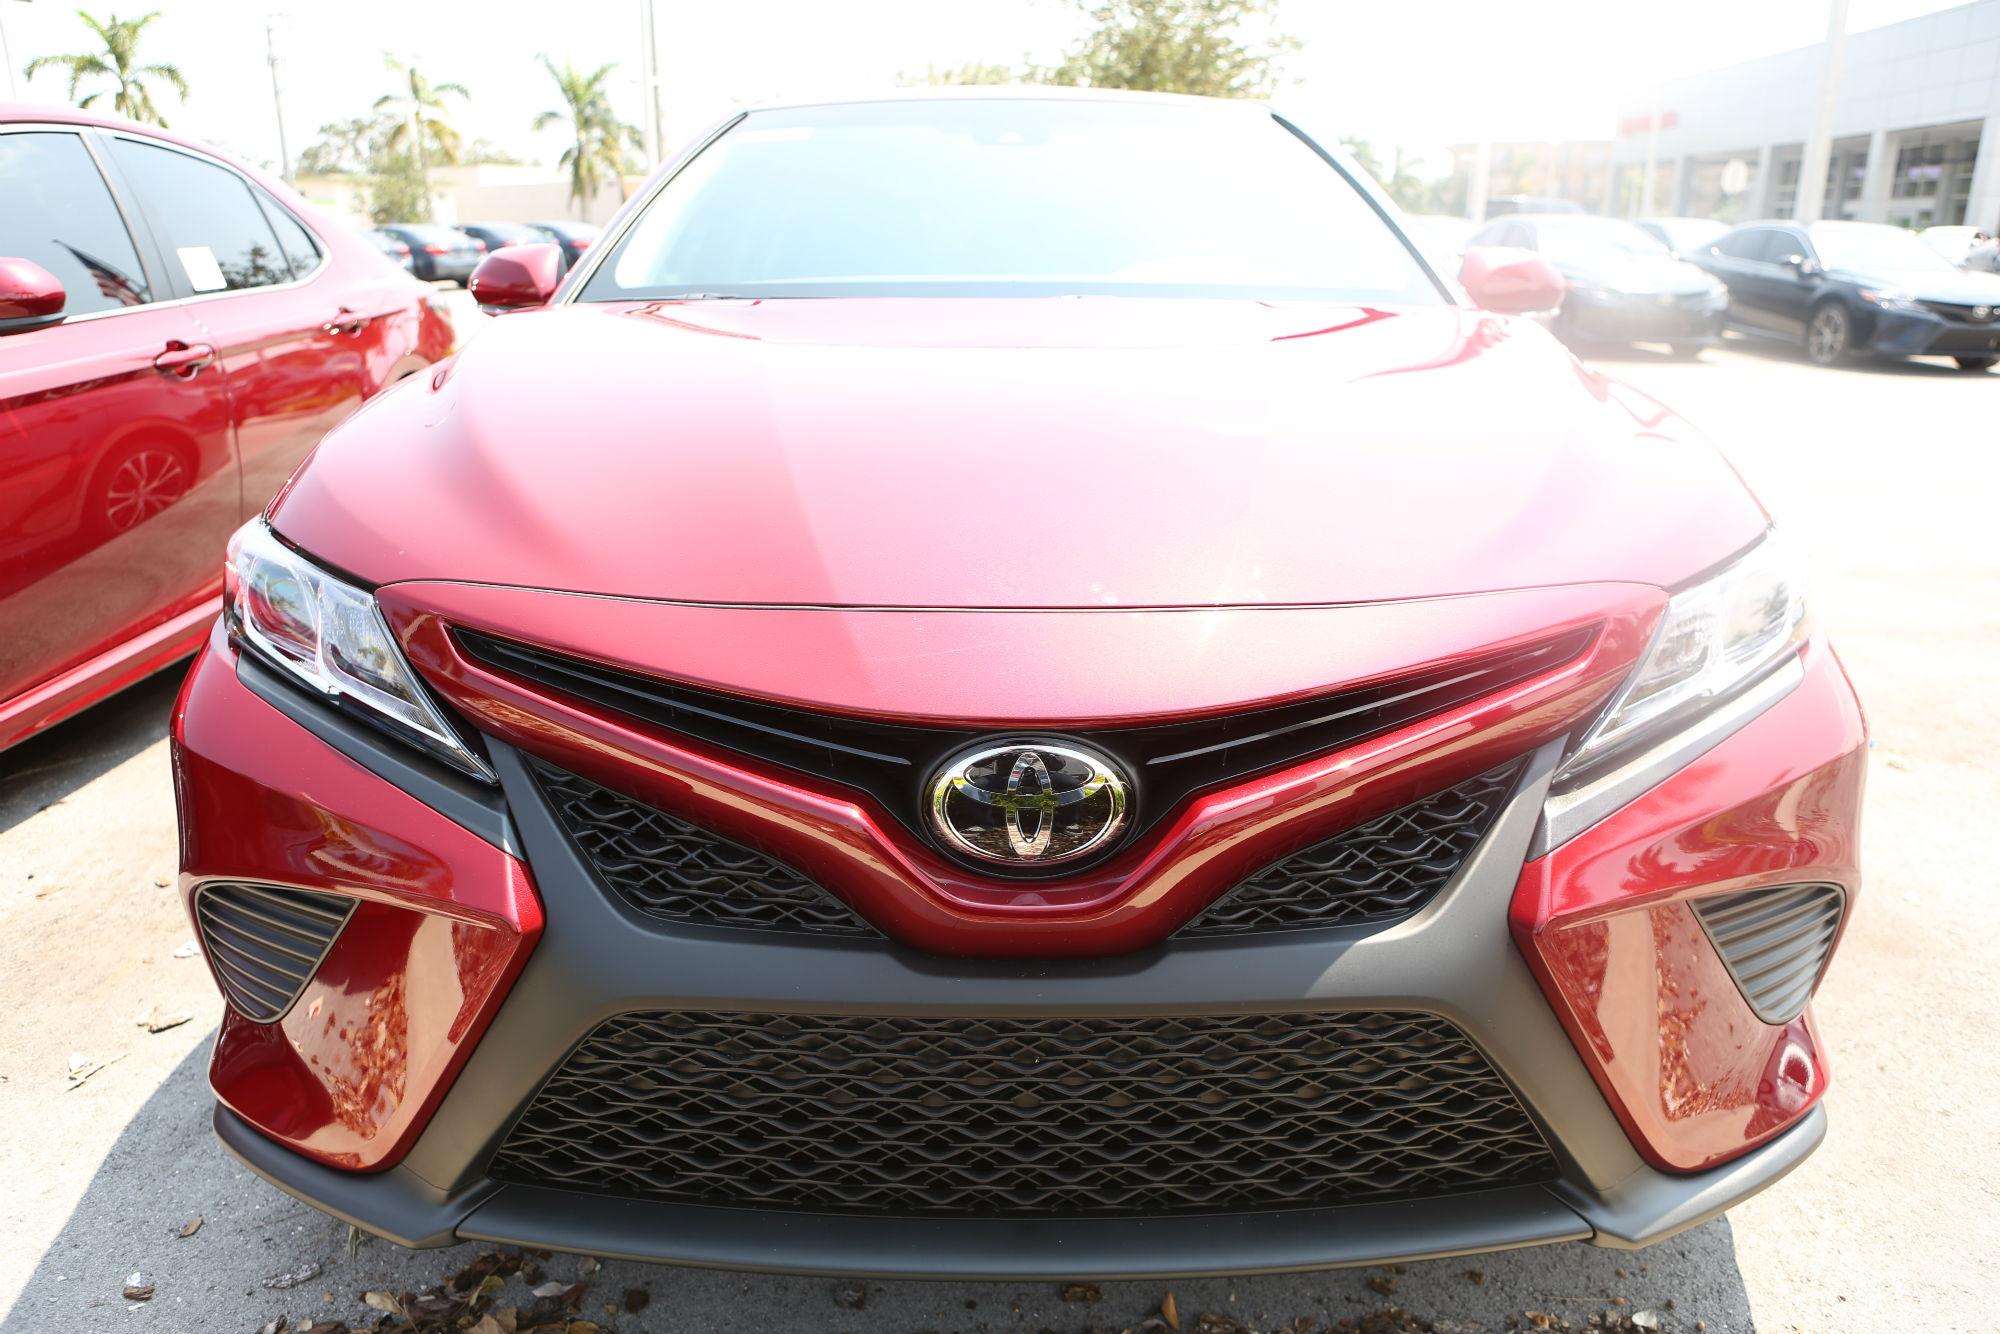 Toyota готовит к старту продаж новую Toyota Camry